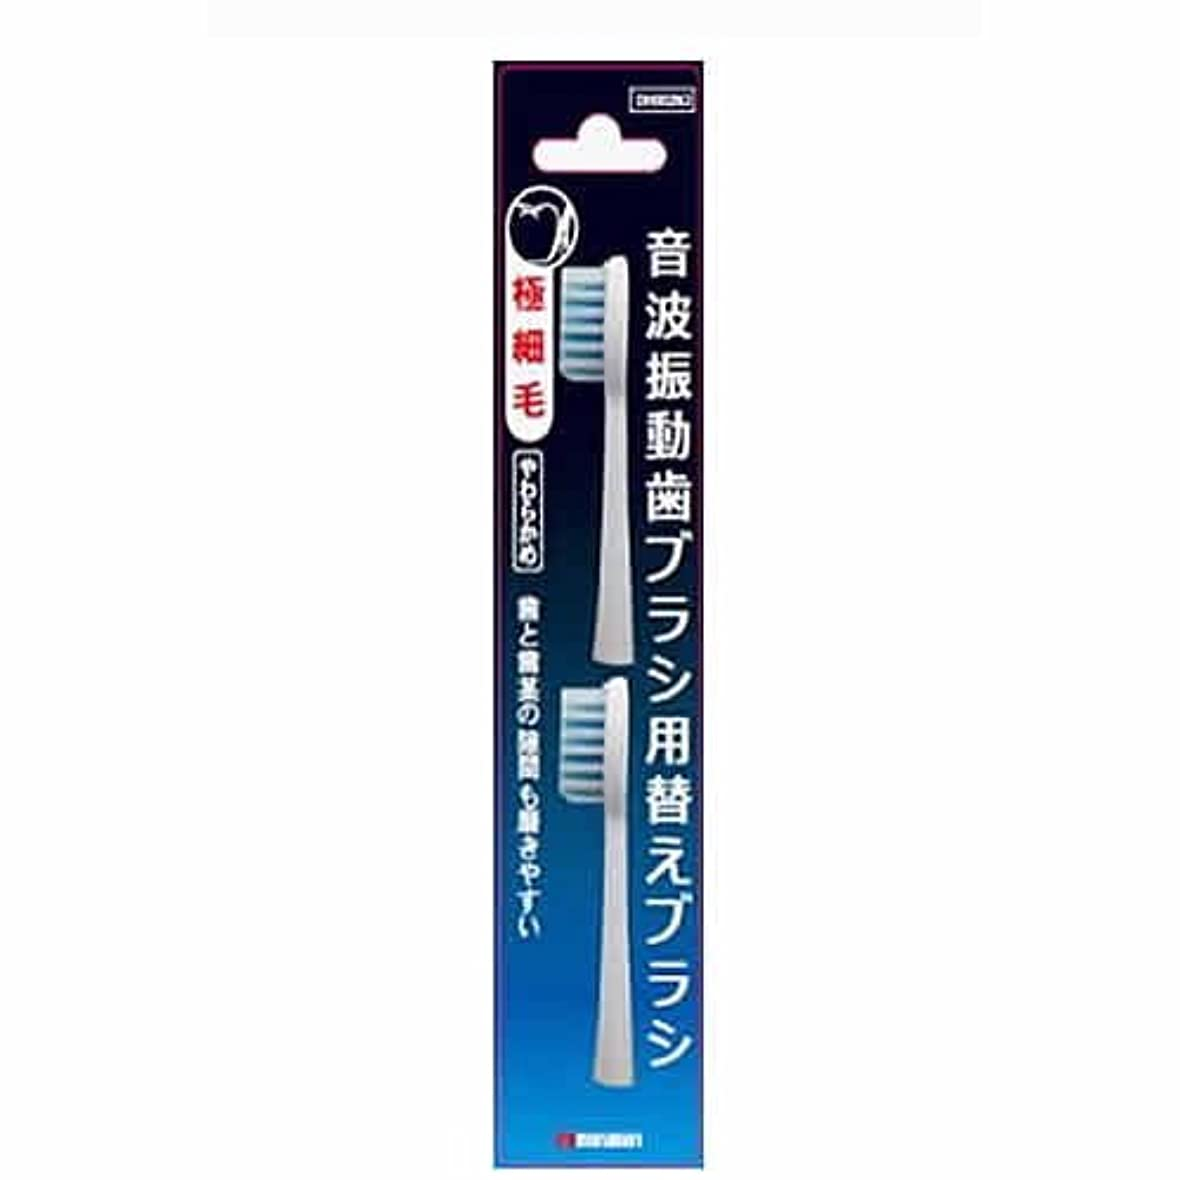 丈夫すなわち直径【まとめ買い】マルマン 電動歯ブラシ ミニモ/プロソニック1/プロソニック2/プロソニック3 対応 替えブラシ 極細毛 DK002N2 2本組 ×6個